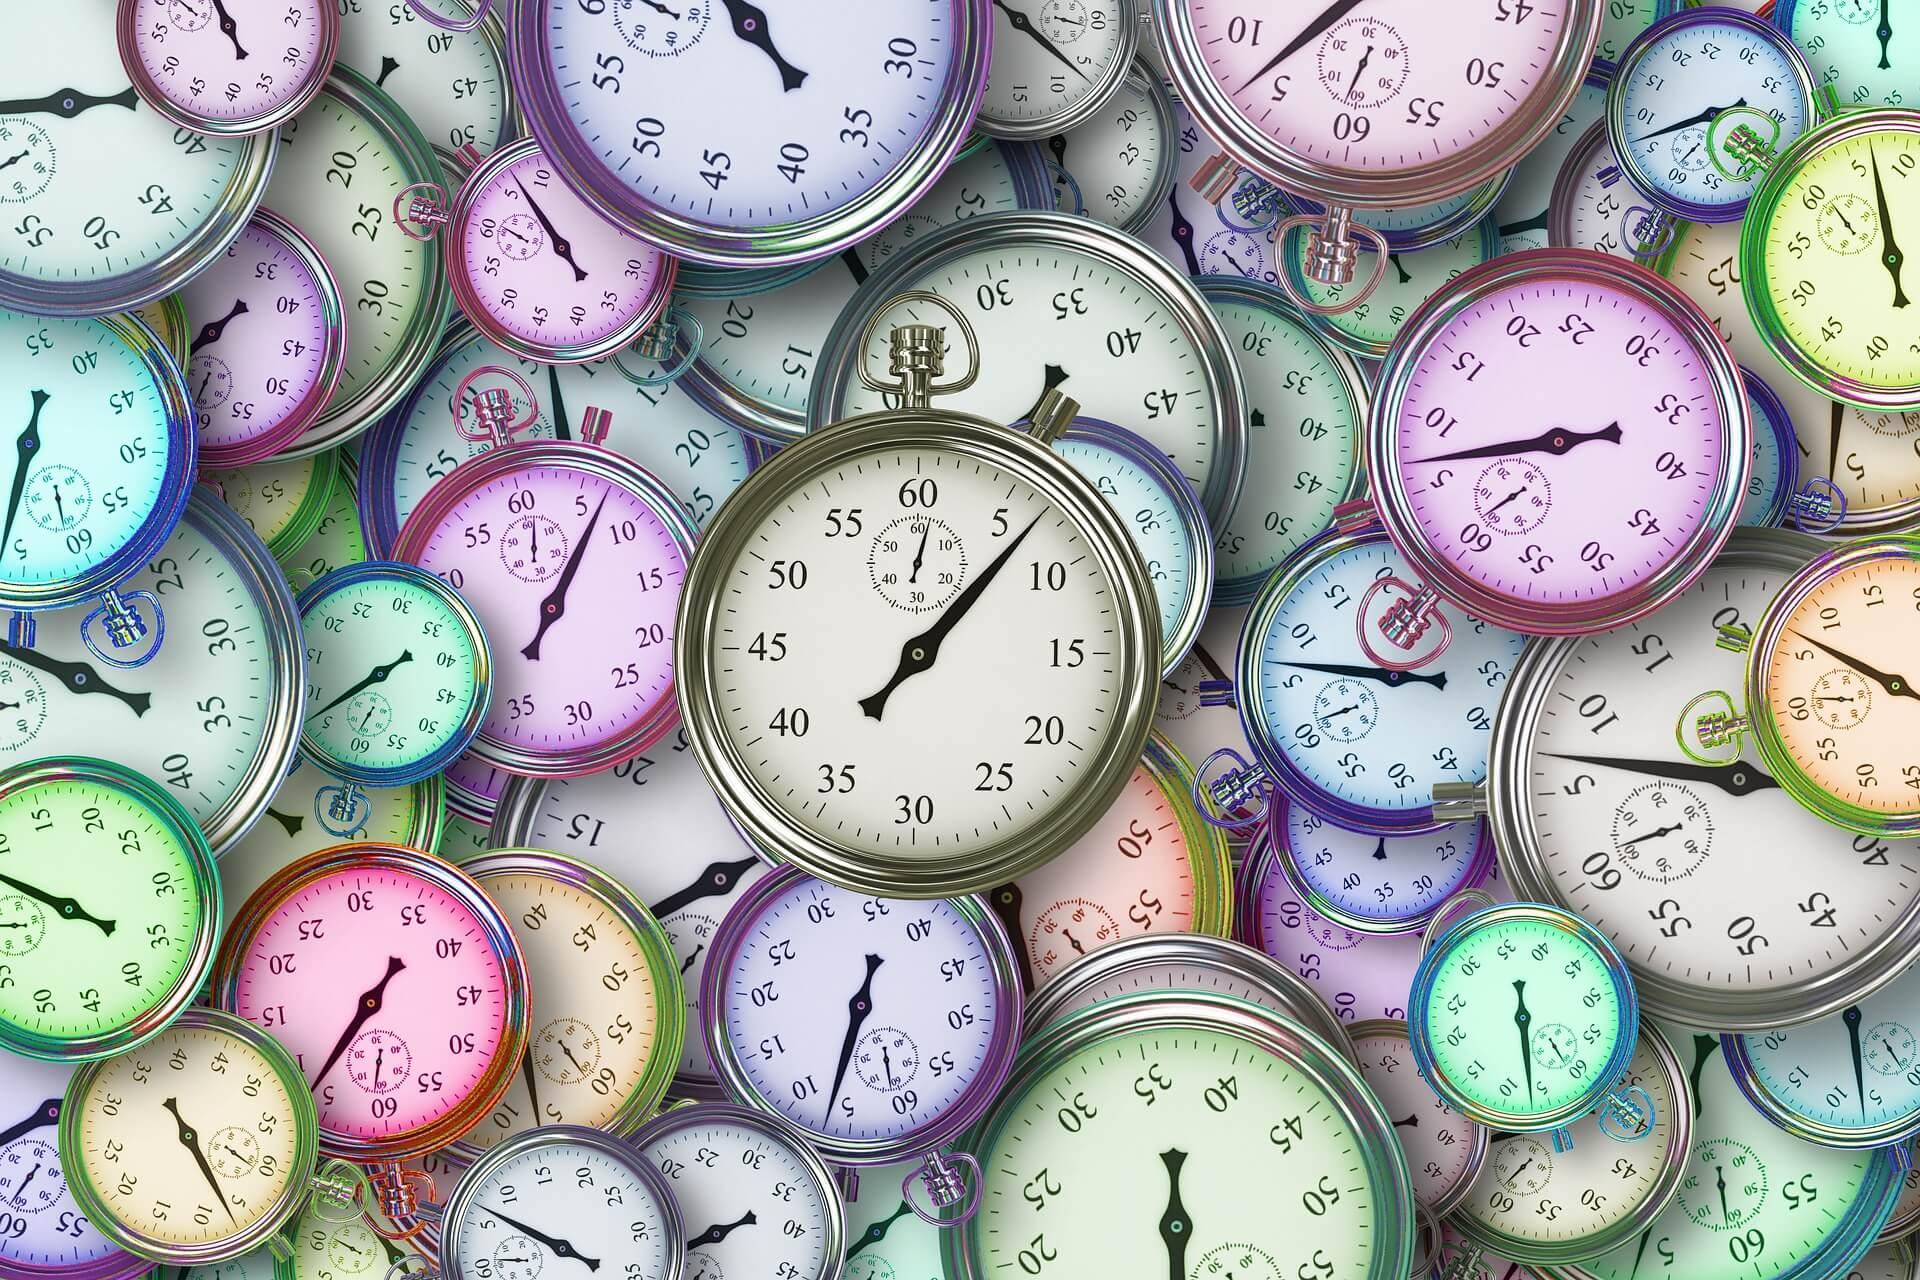 10 najdziwniejszych zegarów świata